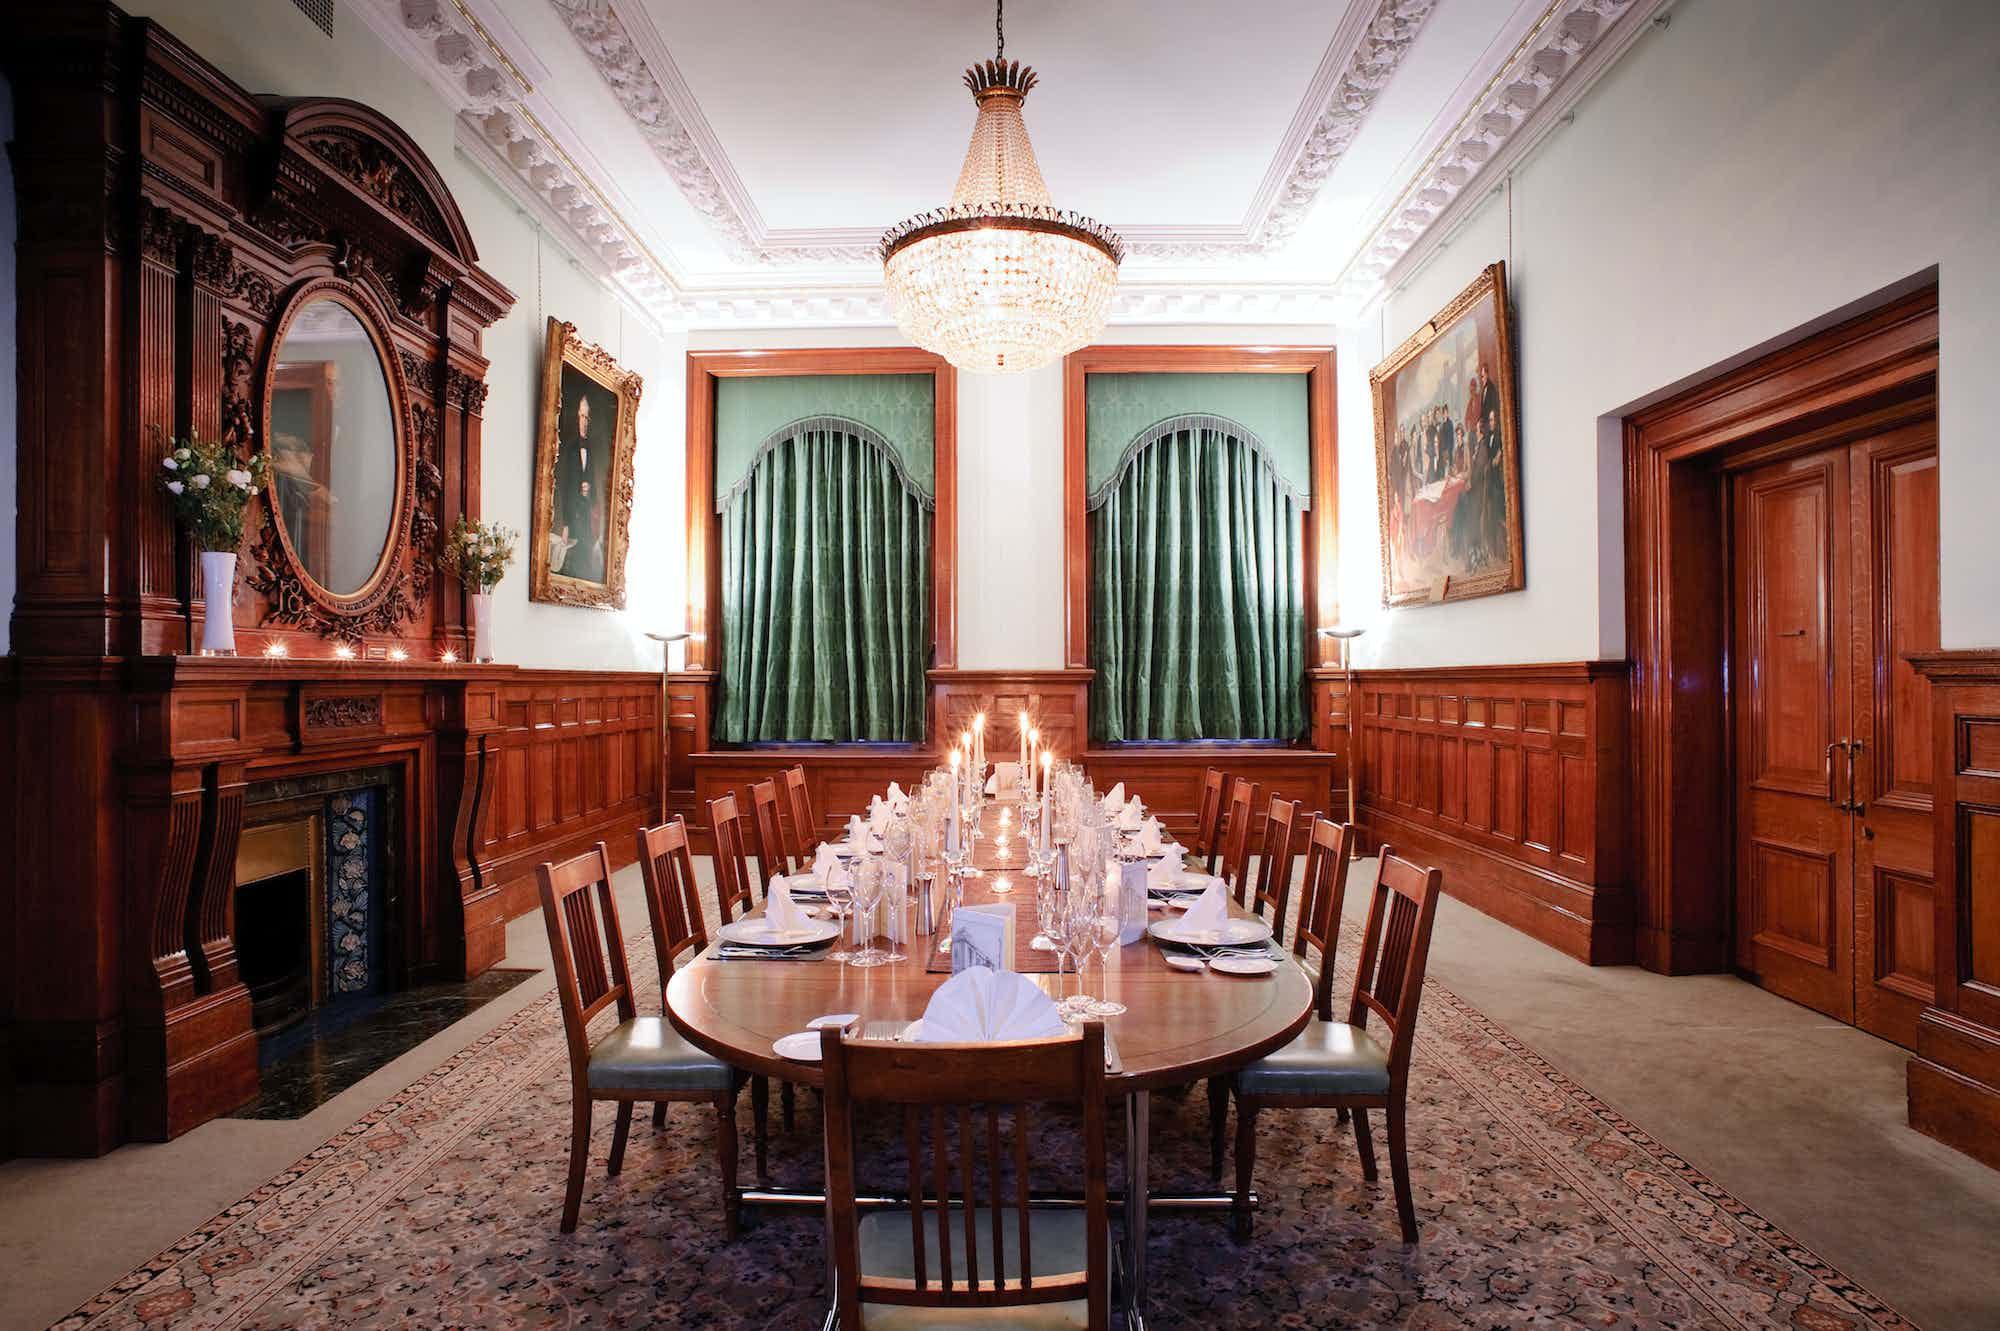 Stephenson Room, One Great George Street